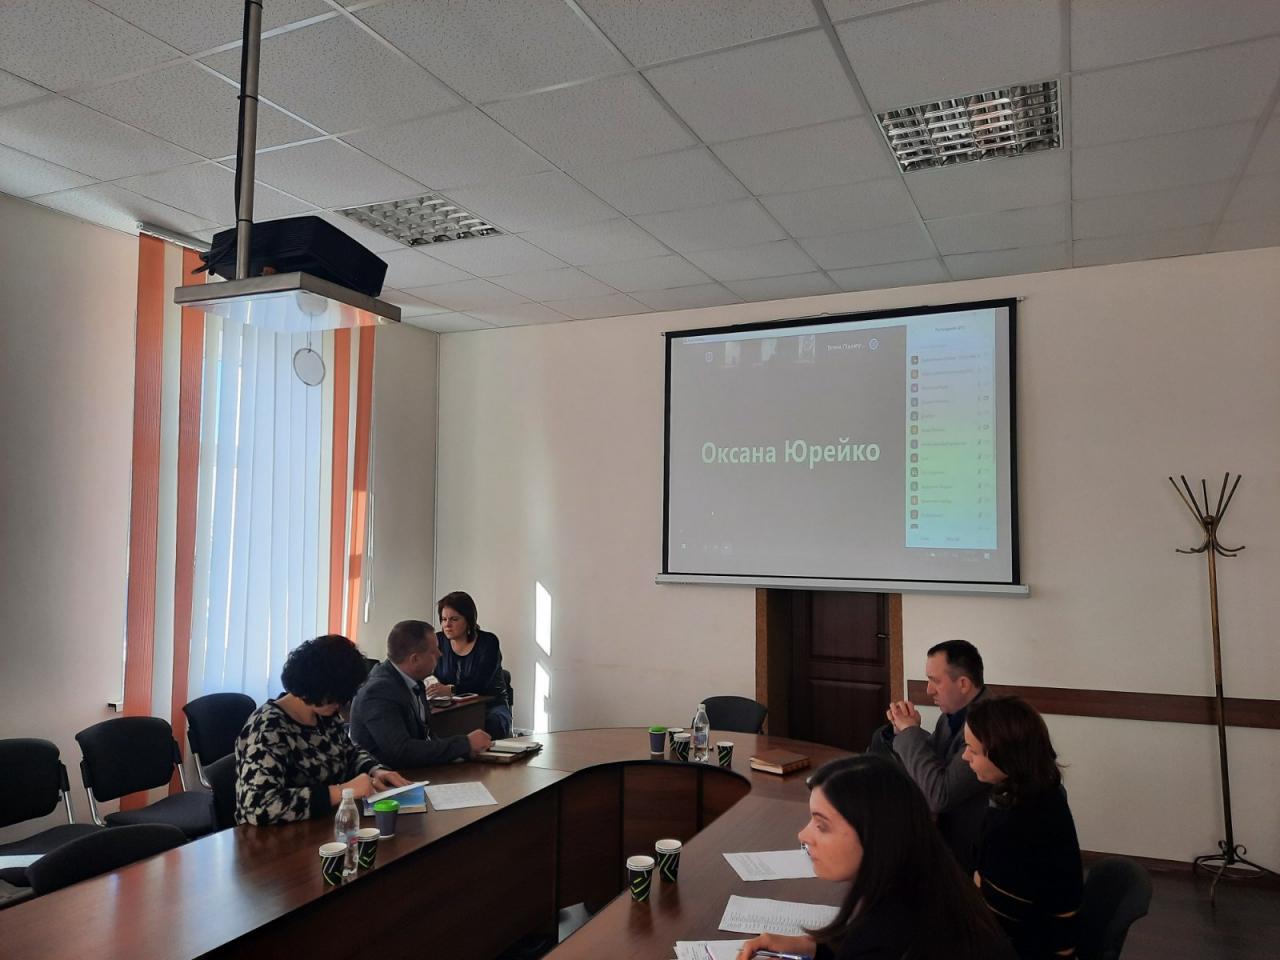 http://dunrada.gov.ua/uploadfile/archive_news/2021/02/22/2021-02-22_8042/images/images-40200.jpg